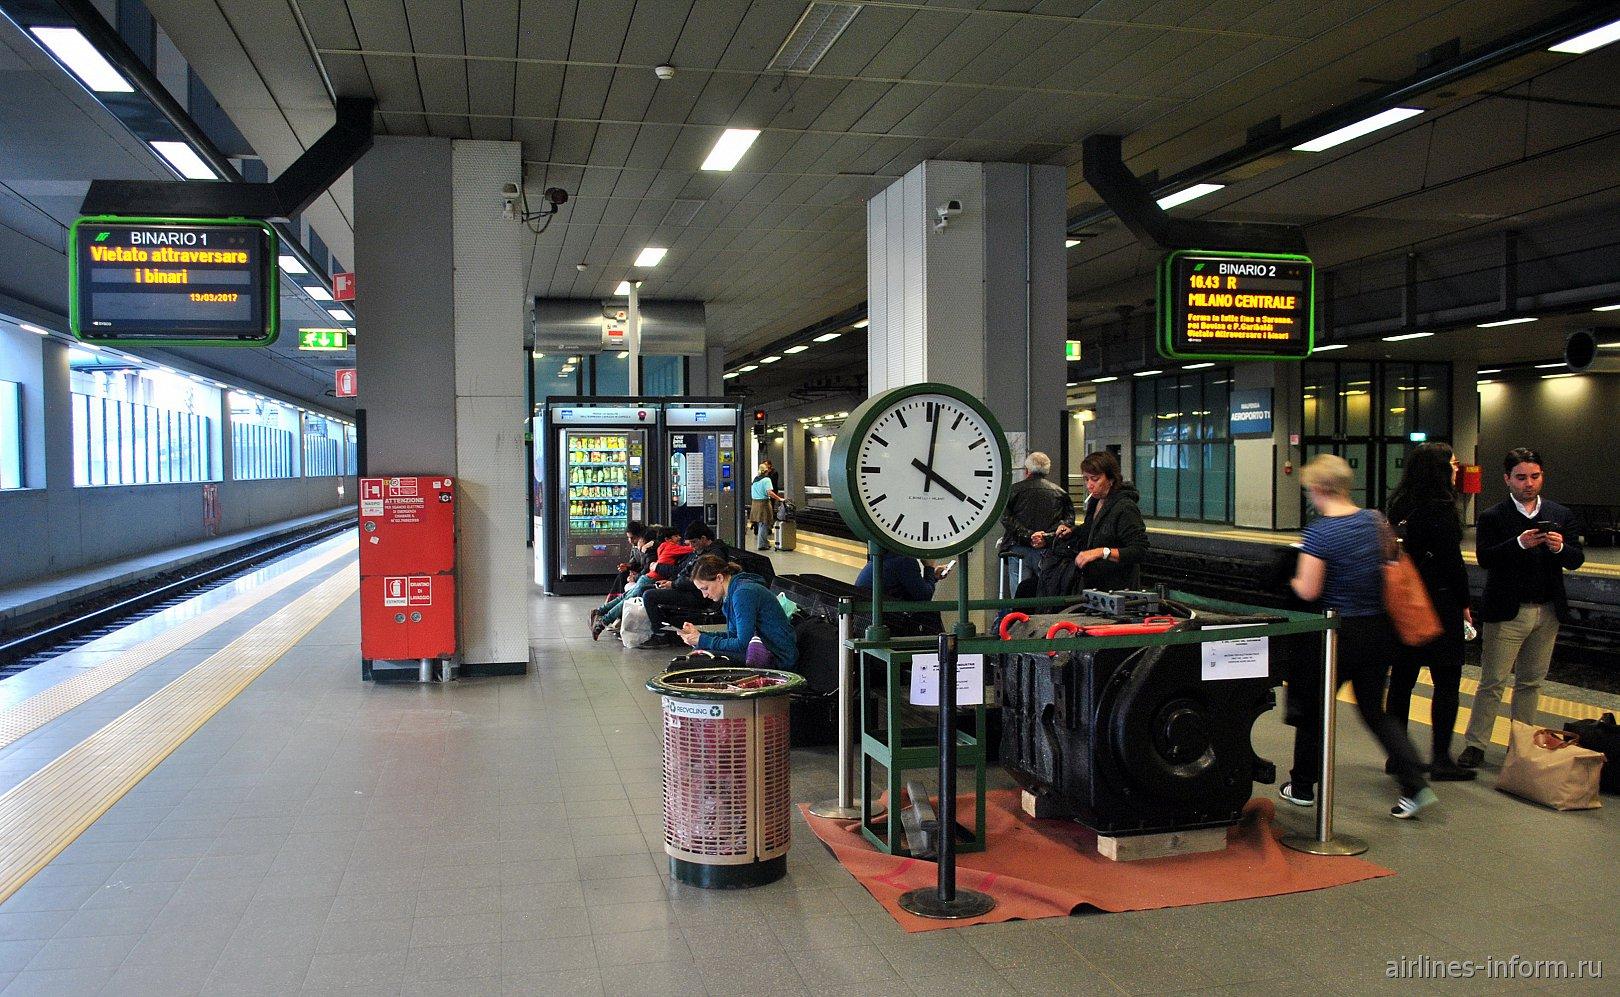 Станция Аэроэкспресса в терминале Т1 аэропорта Милан Мальпенса